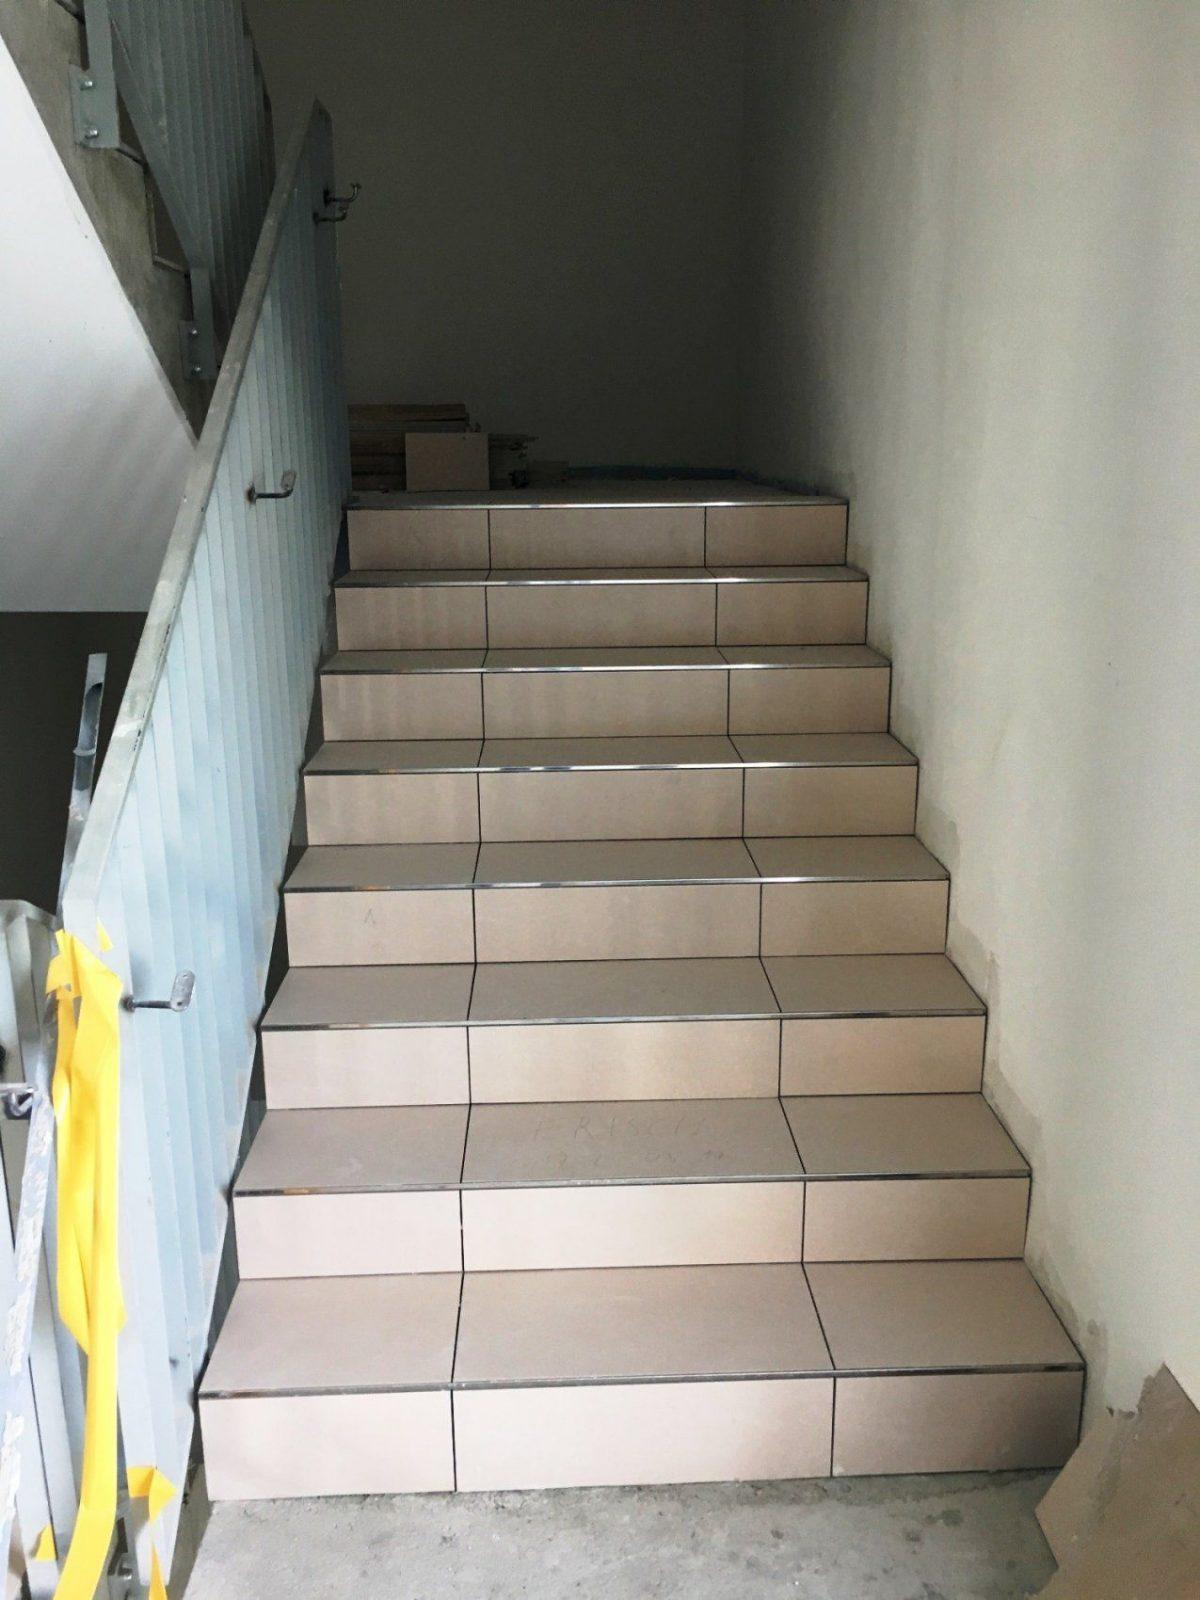 Treppe Fliesen Elegant Porträt Bezieht Sich Auf Treppe Fliesen von Gewendelte Treppe Fliesen Anleitung Bild